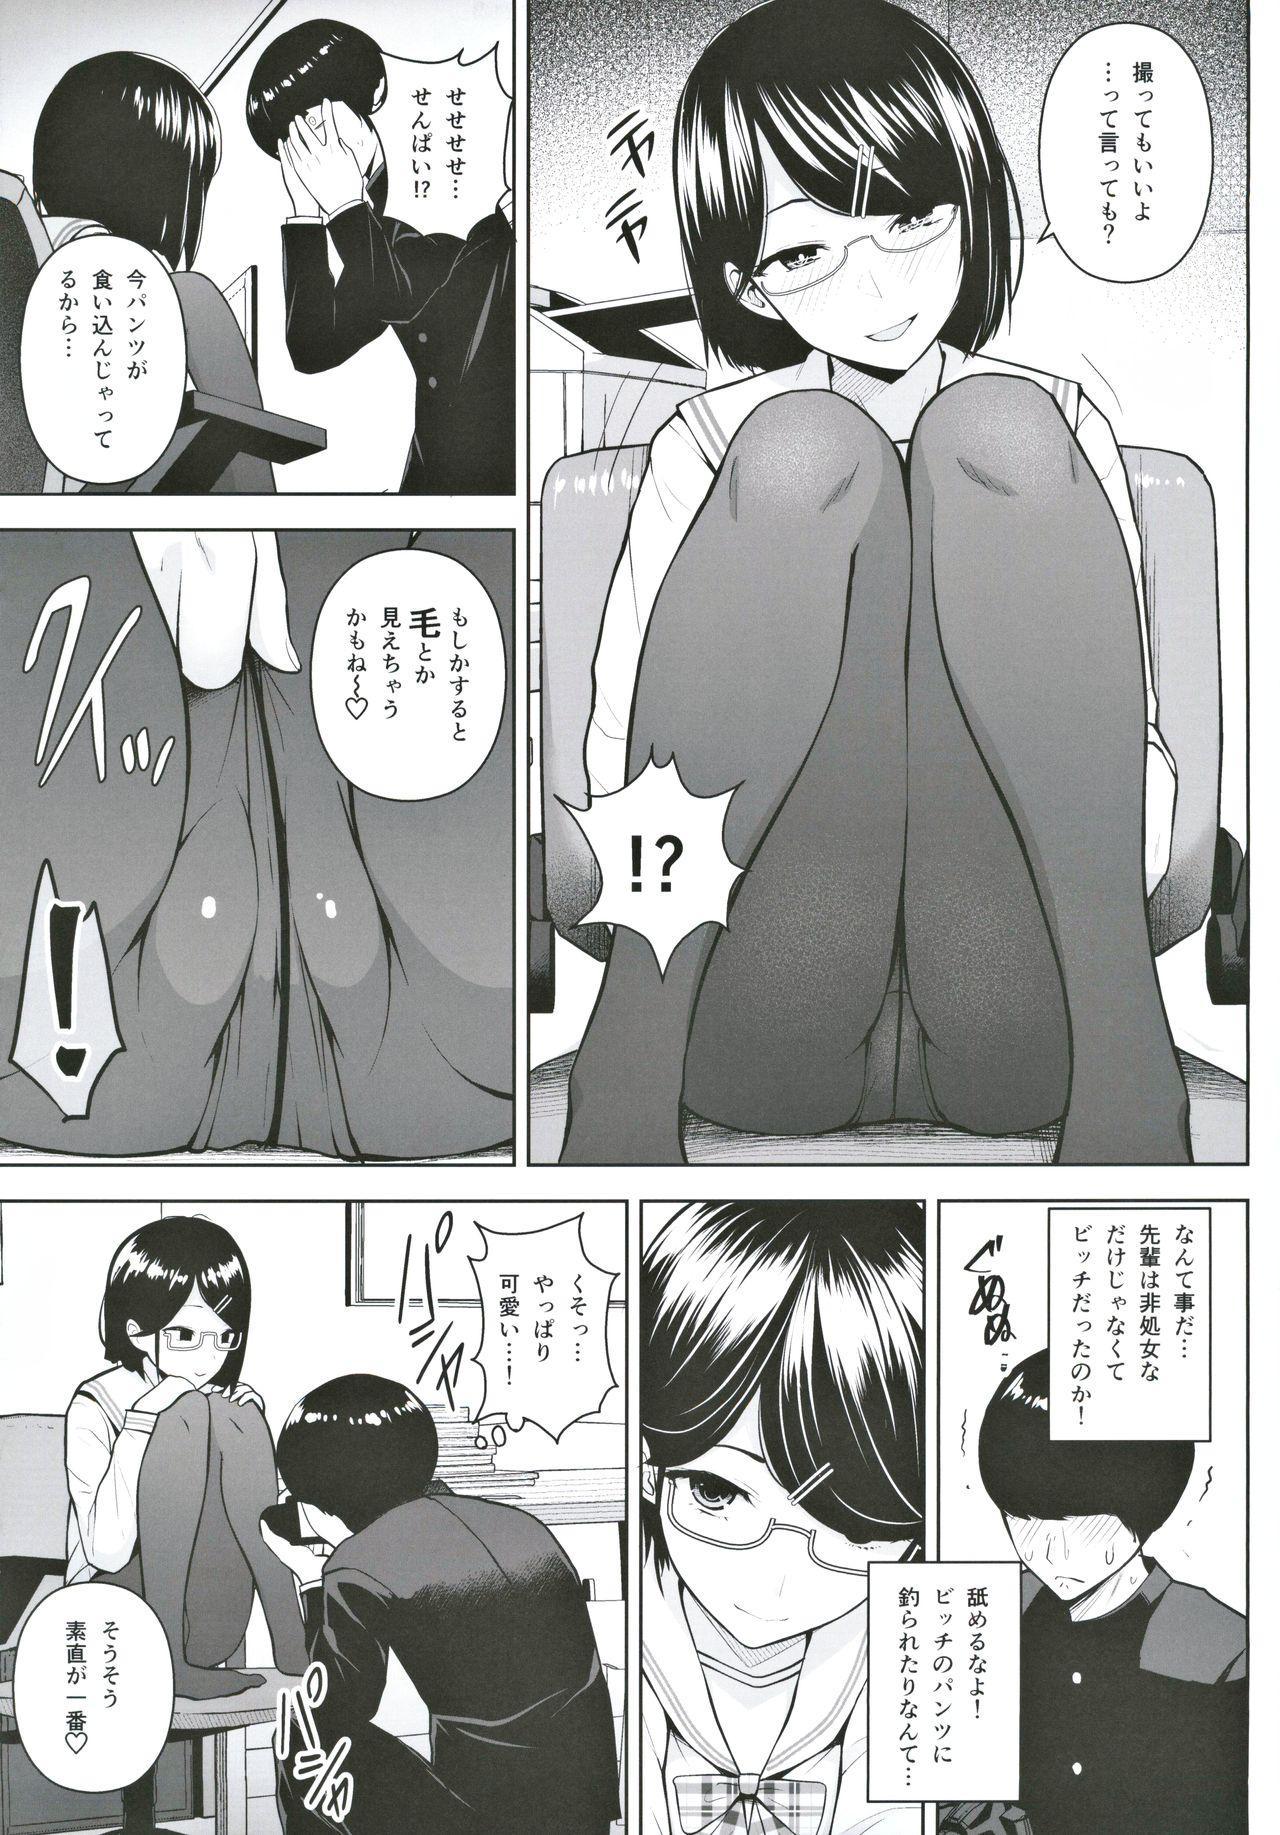 Himitsu no Houkago Satsueikai 5